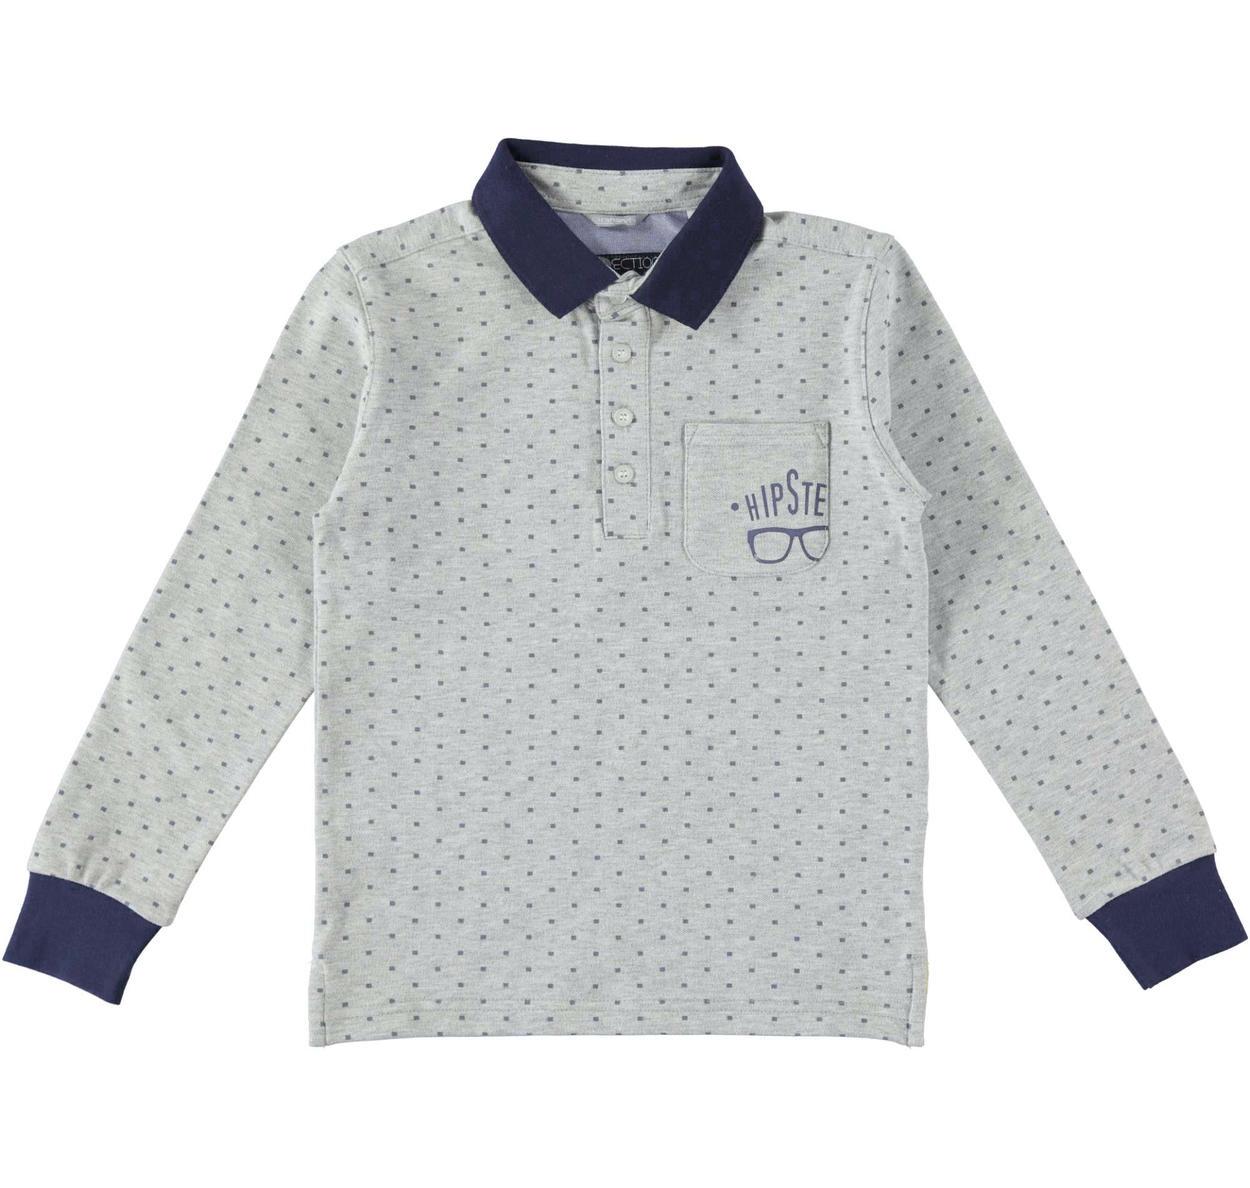 62278d29f630 Polo a manica lunga stampa hipster con sotto colletto a contrasto per  bambino da 6 a 16 anni Sarabanda